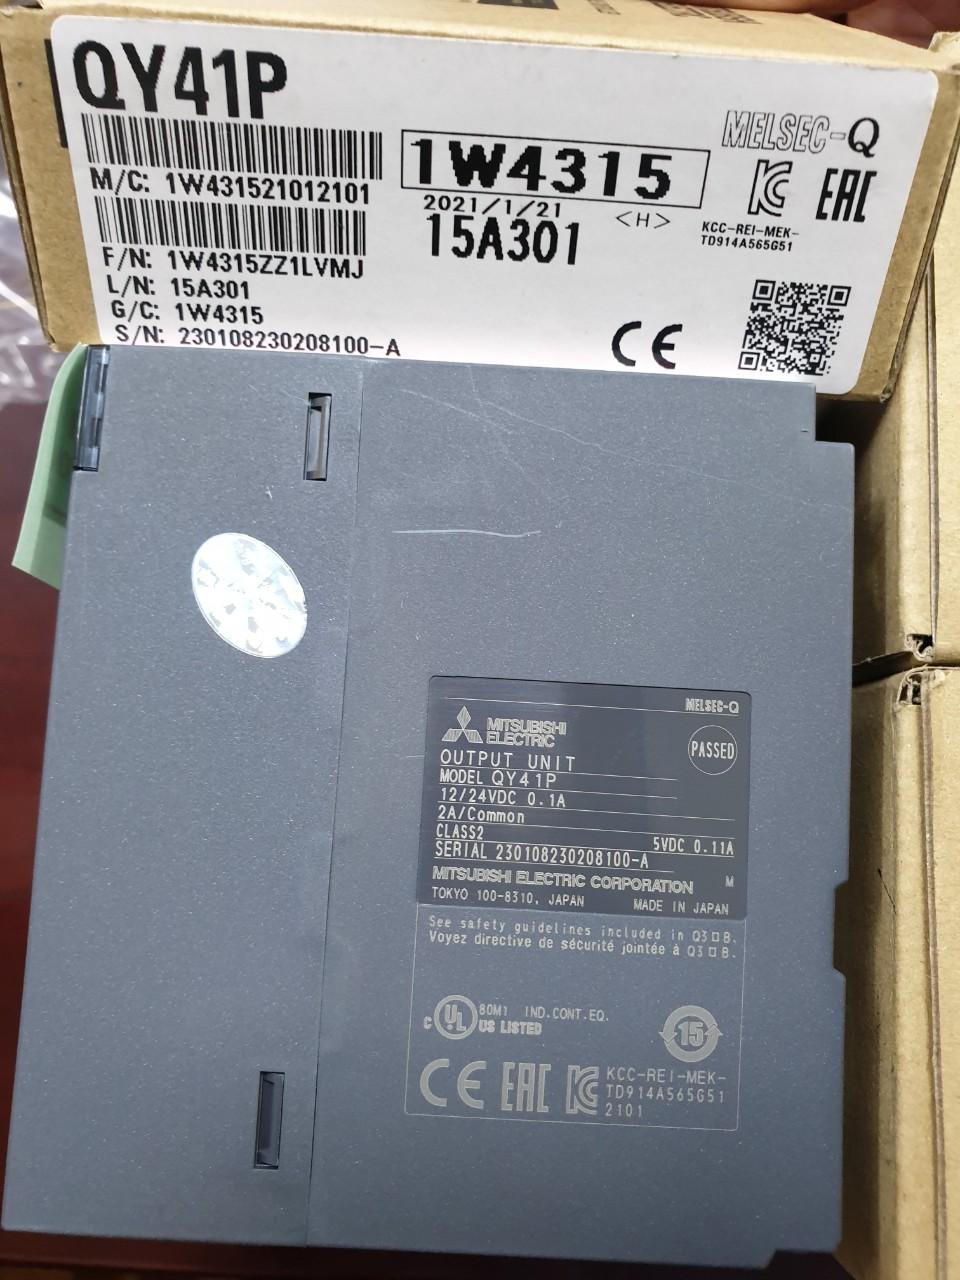 QY41P Module Output 32 Transistors